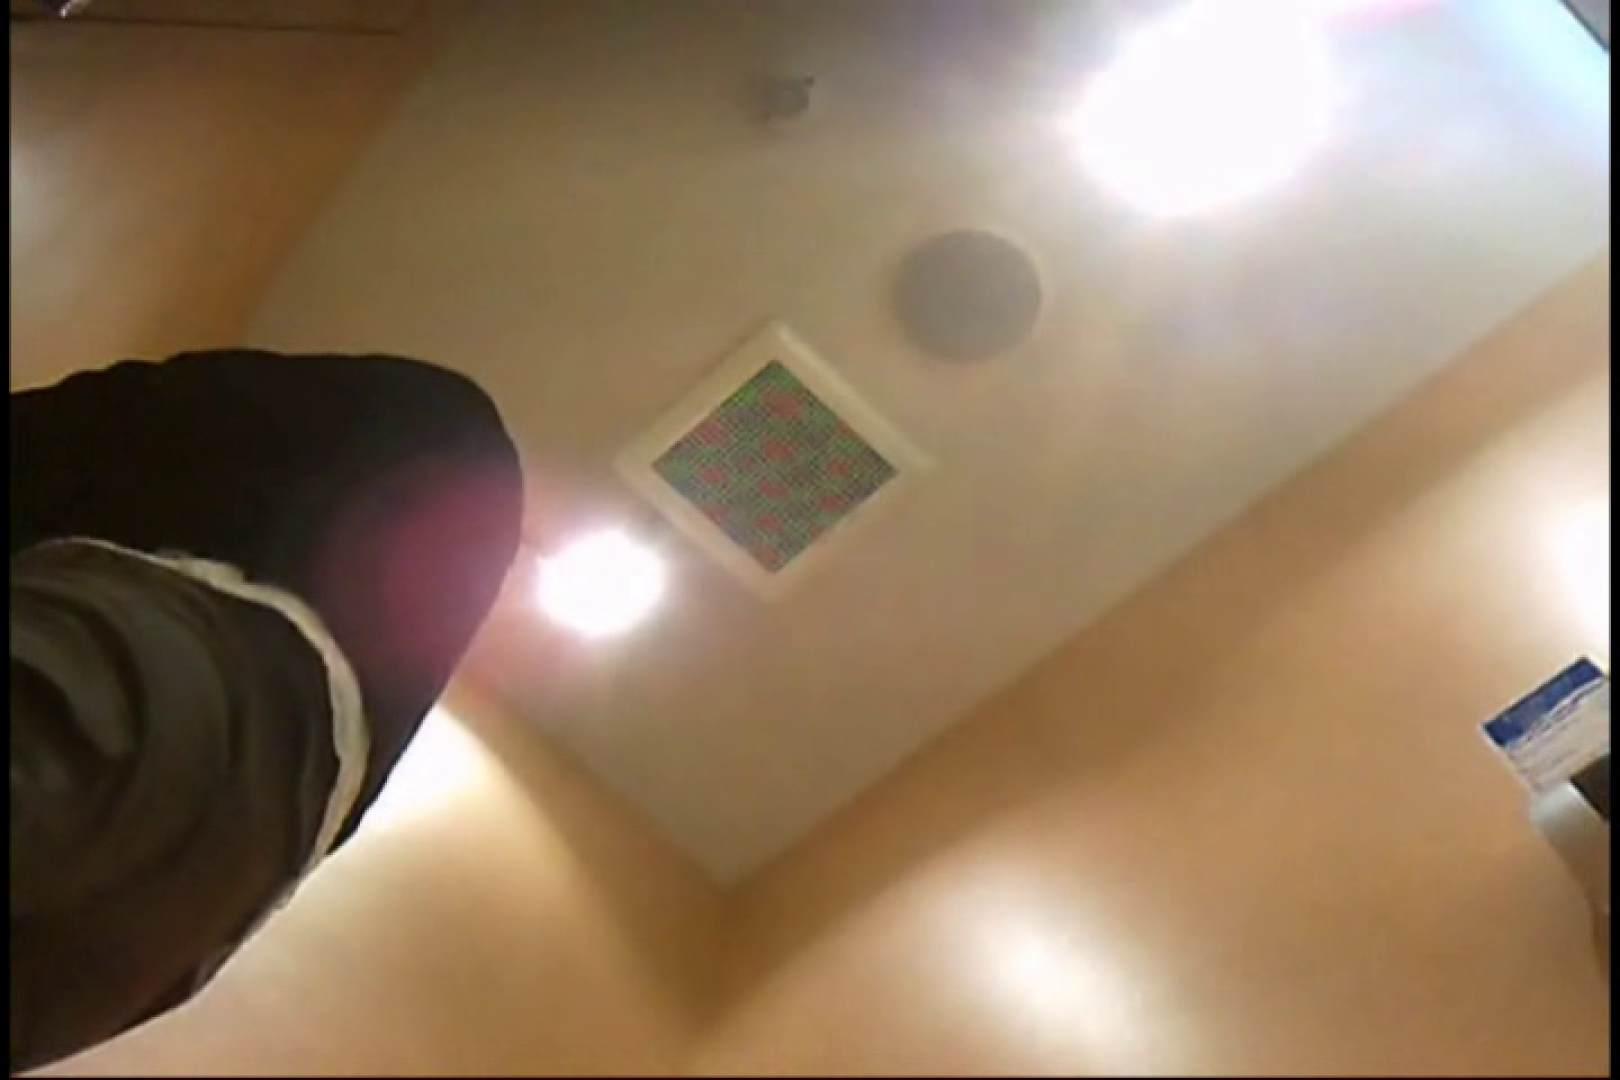 画質向上!新亀さん厠 vol.83 オマンコ見放題 オマンコ無修正動画無料 11枚 9